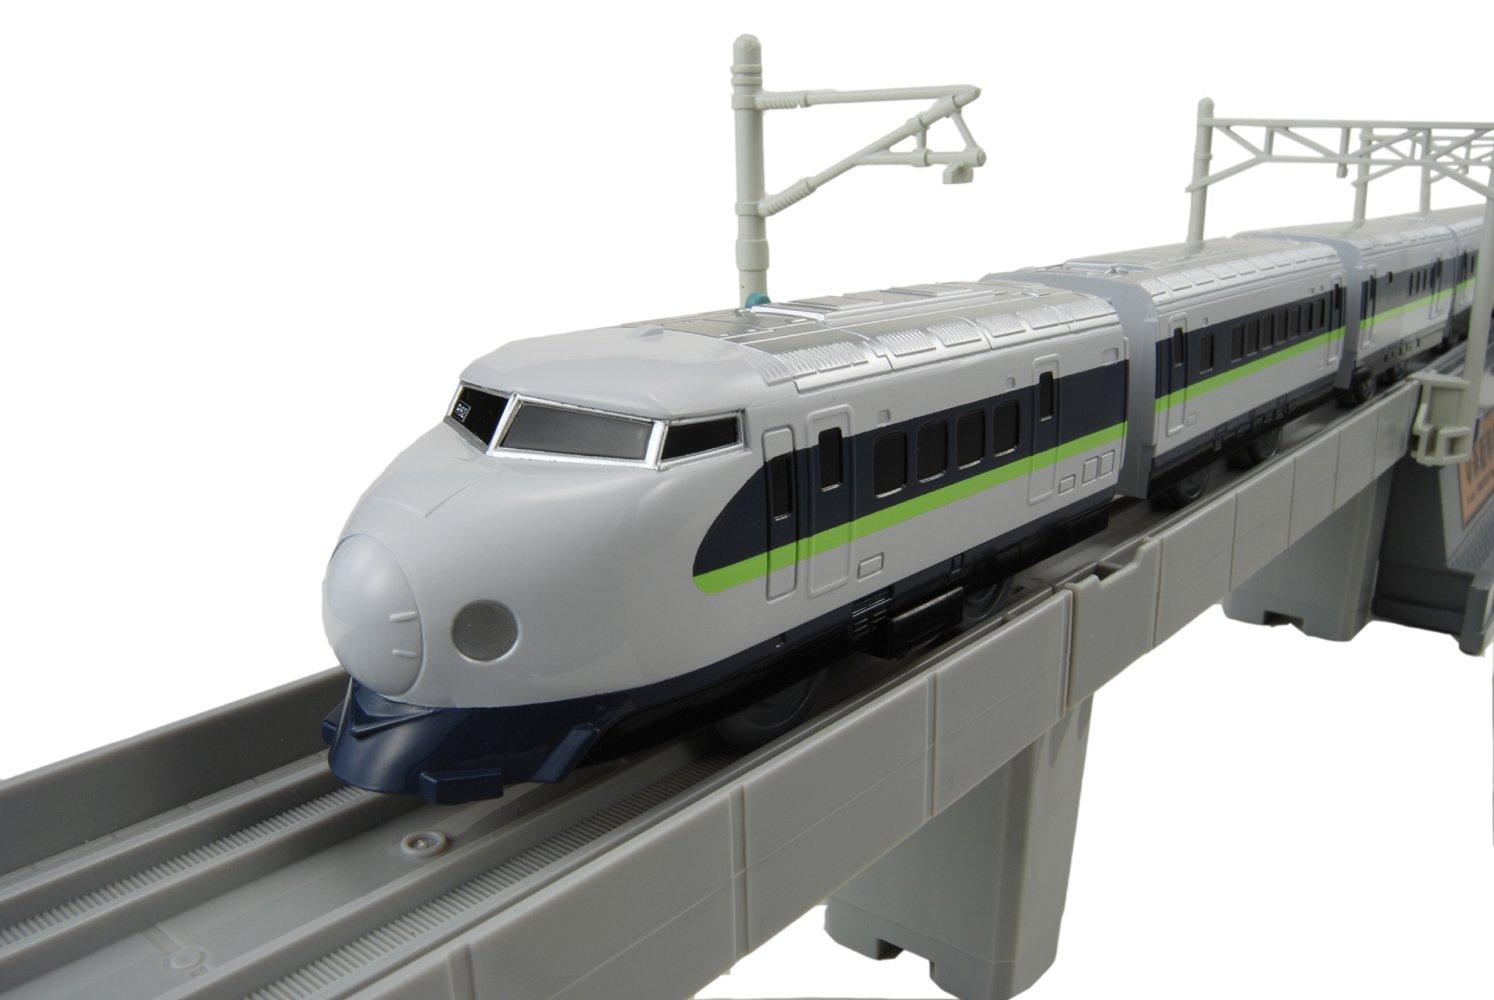 プラレール さよなら 0系新幹線フレッシュグリーンセット B001LK7DF8  フレッシュグリーン